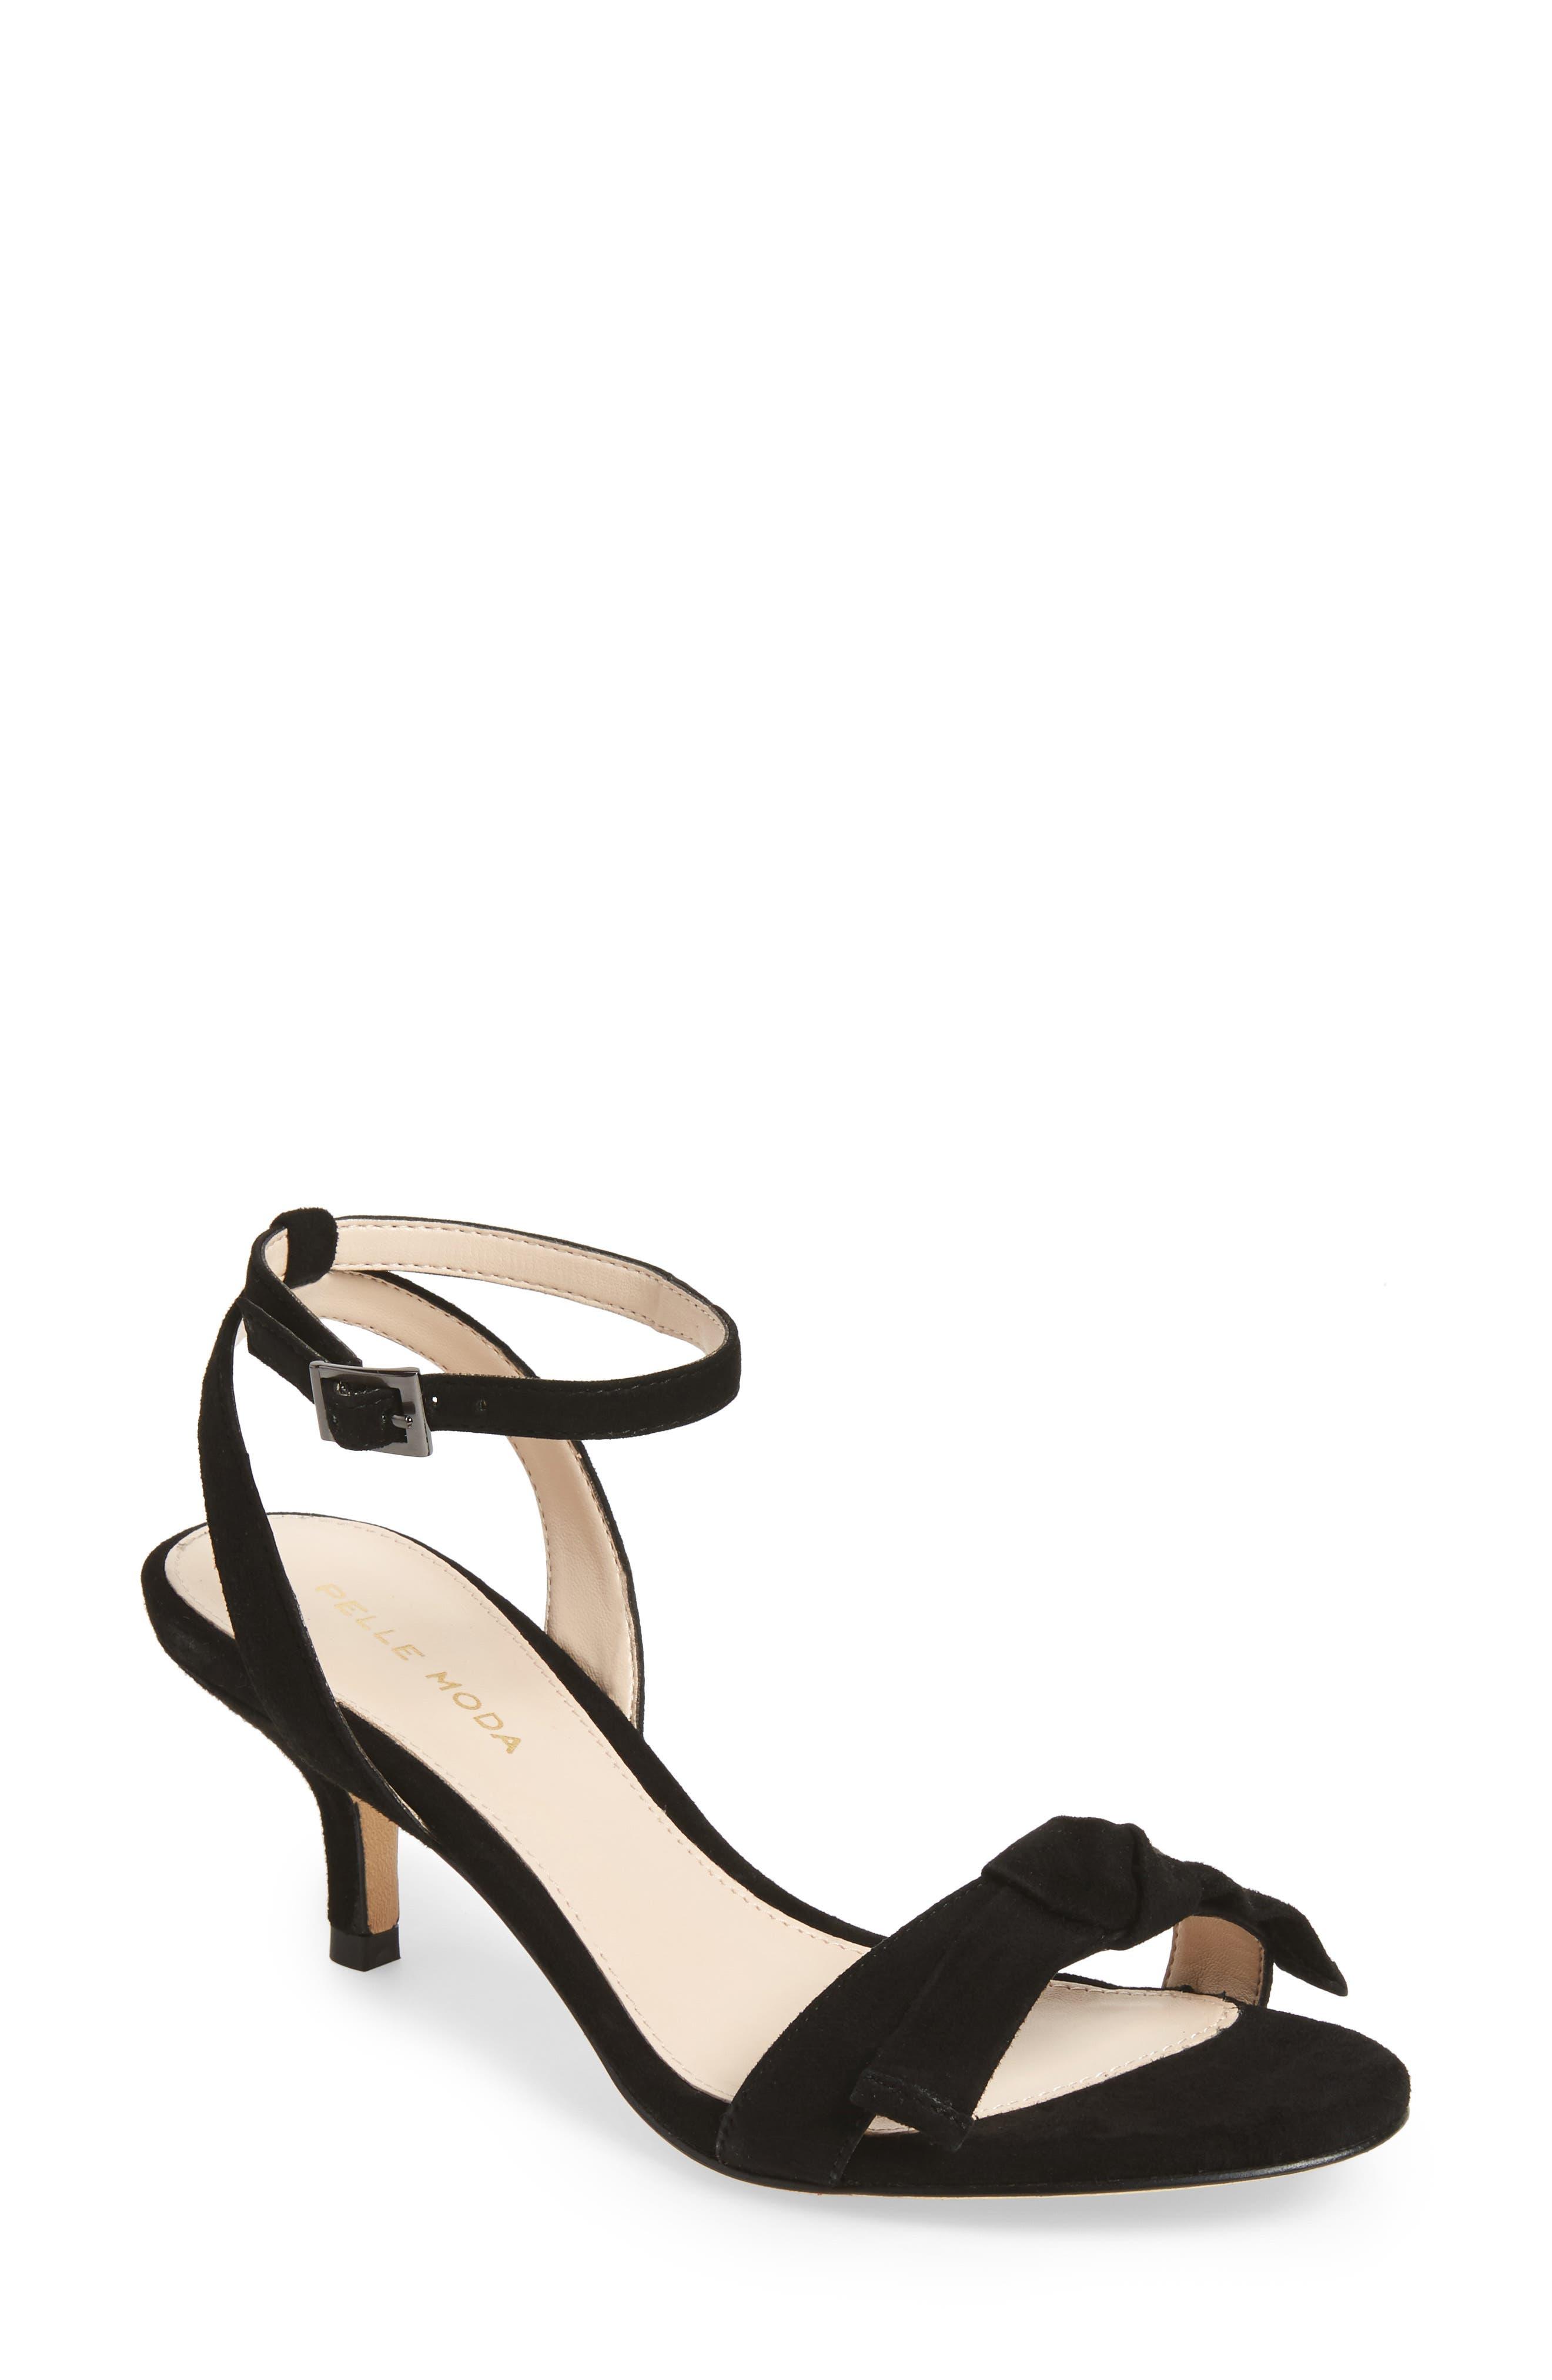 Alexia 2 Sandal,                             Main thumbnail 1, color,                             Black Suede